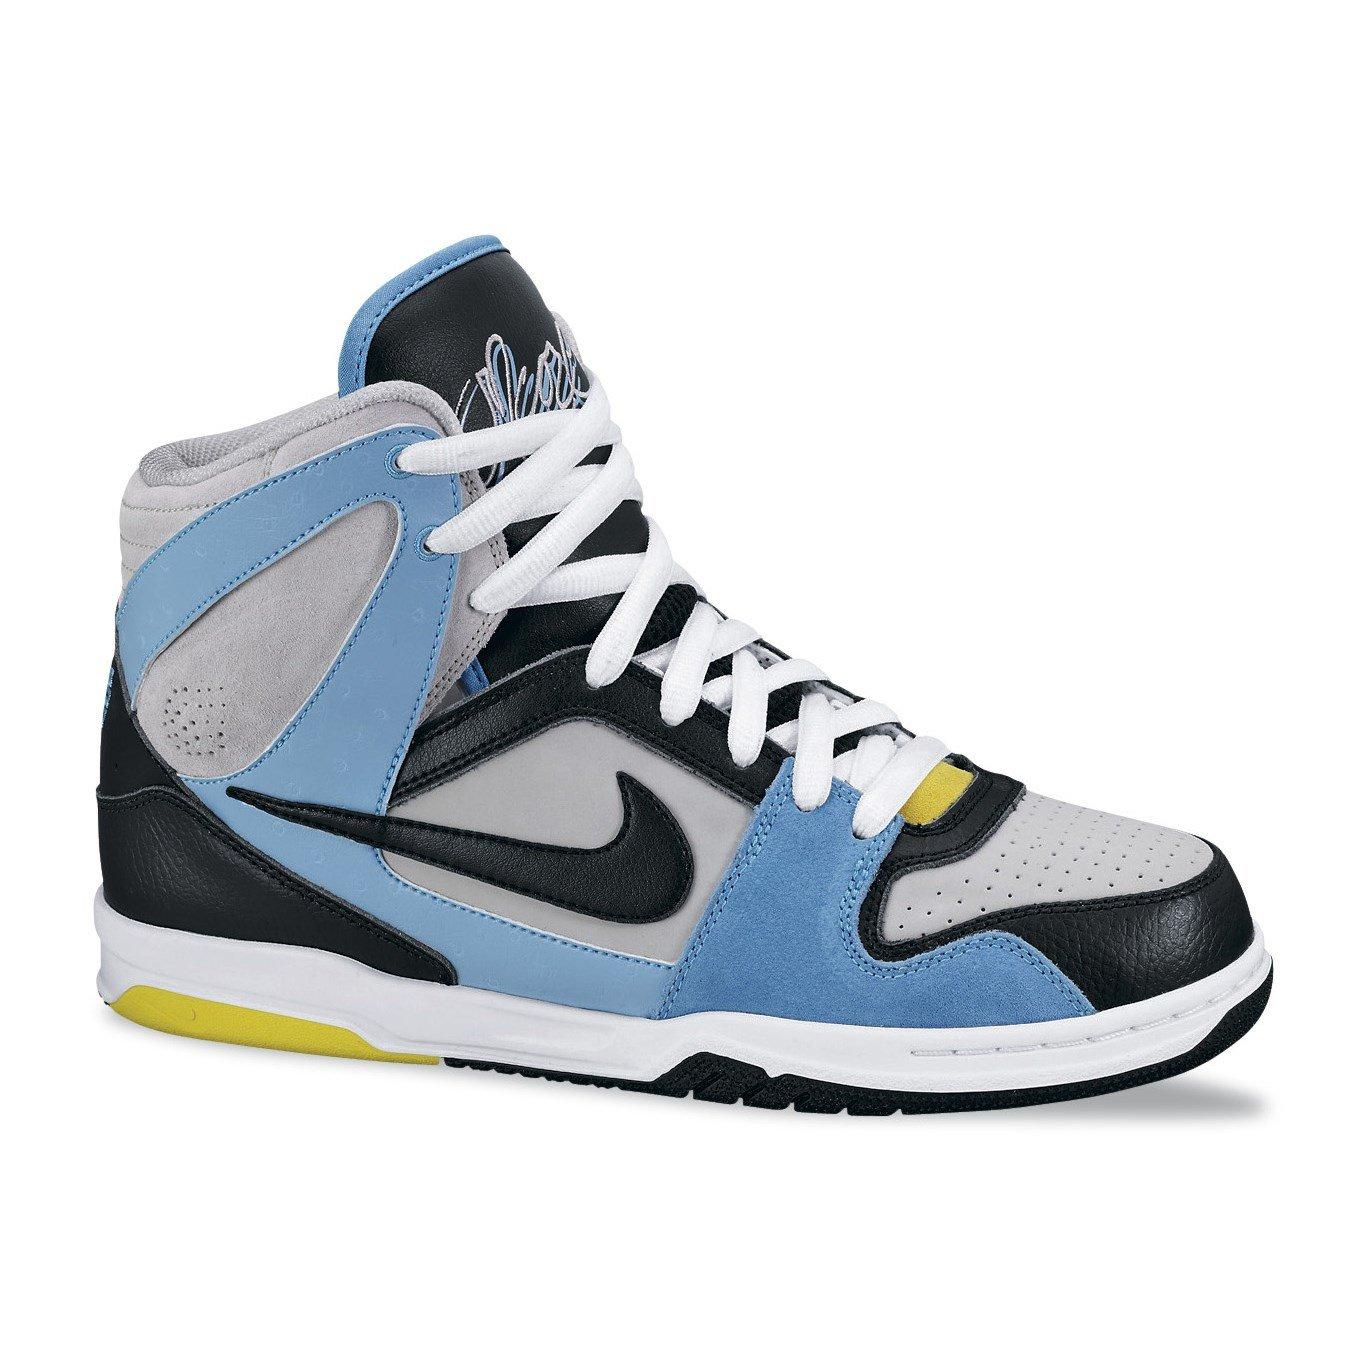 Nike 6.0 Air Zoom Oncore Hi Shoes   evo